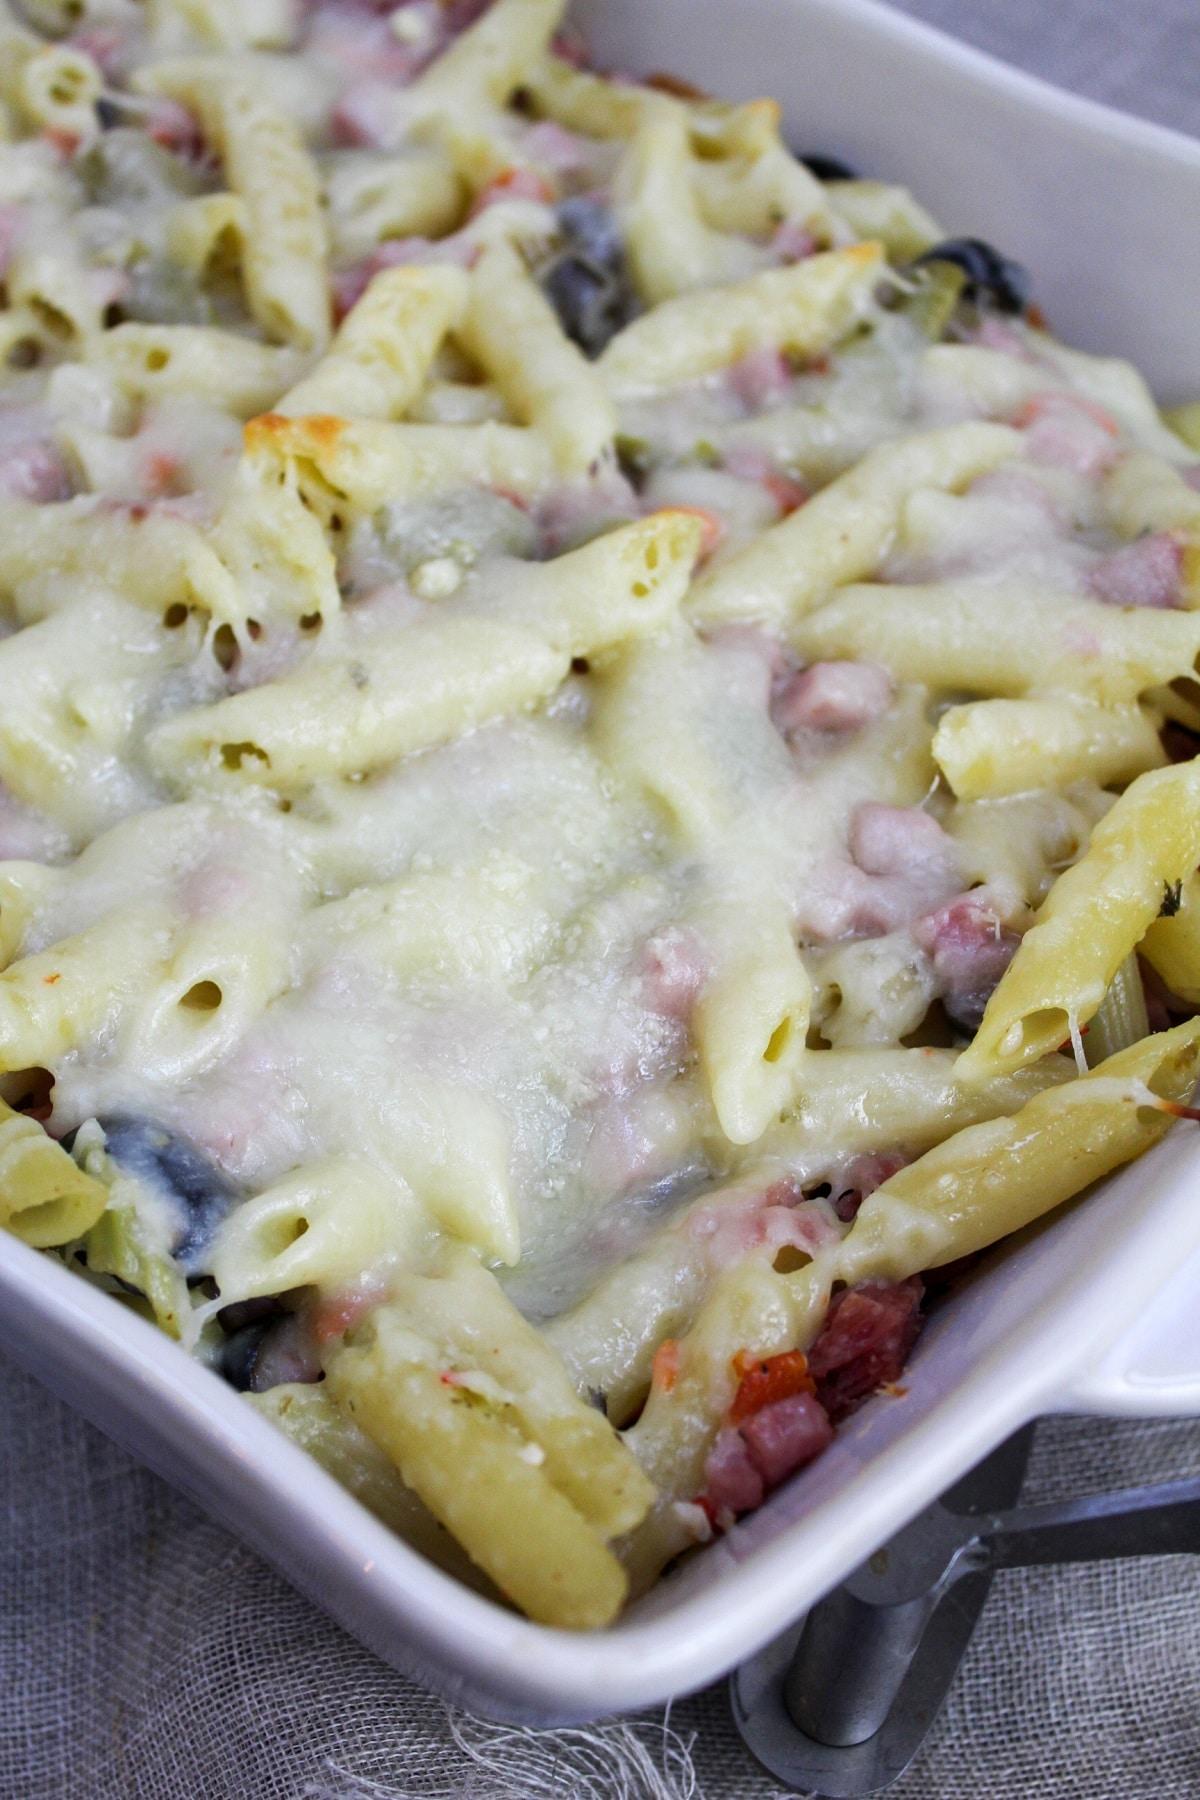 muffaletta casserole in a baking dish